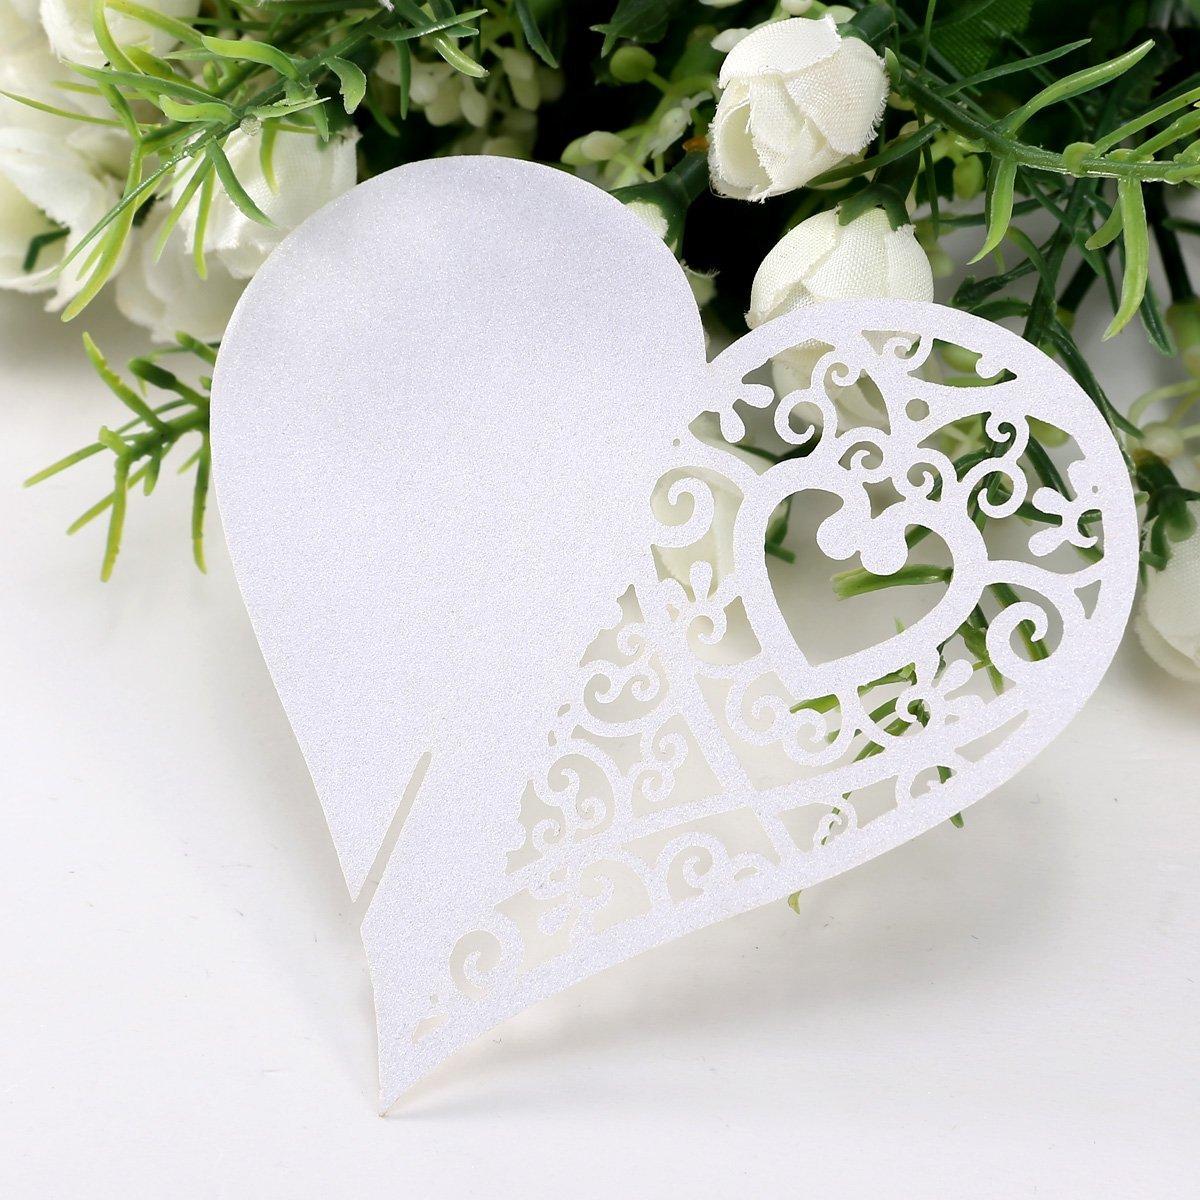 REFURBISHHOUSE 20pcs Carte de Verre Porte-Noms Marque-Places Coeur Blanc Mariage Decoration